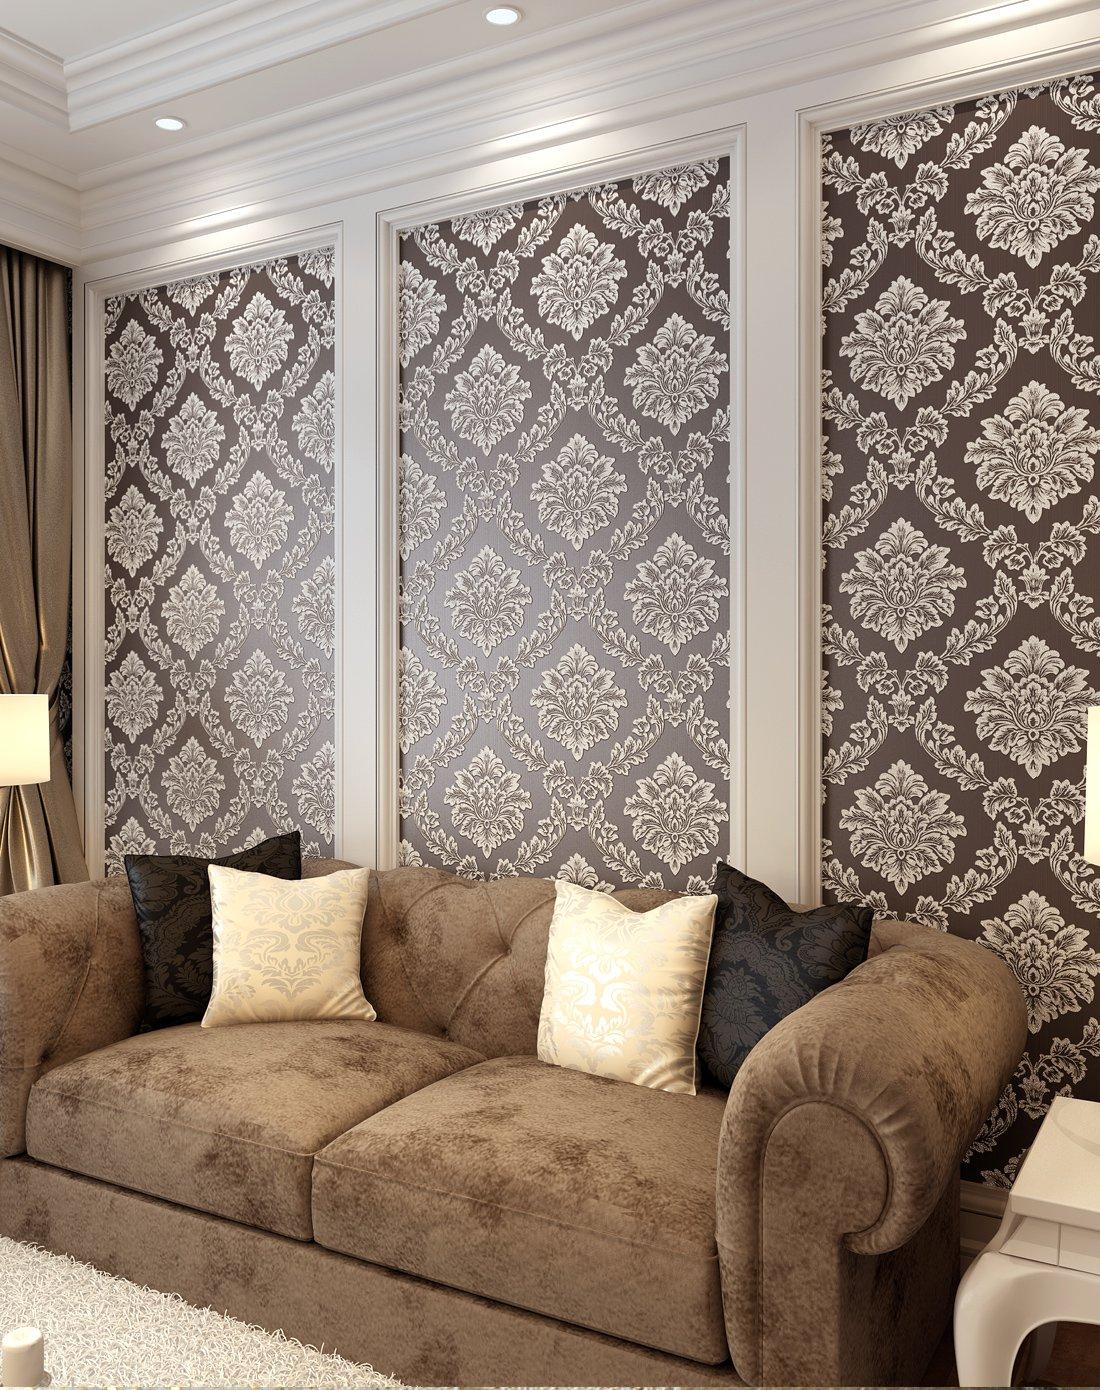 纸尚美学墙纸专场咖啡色欧式奢华圆网鎏金无纺布墙纸